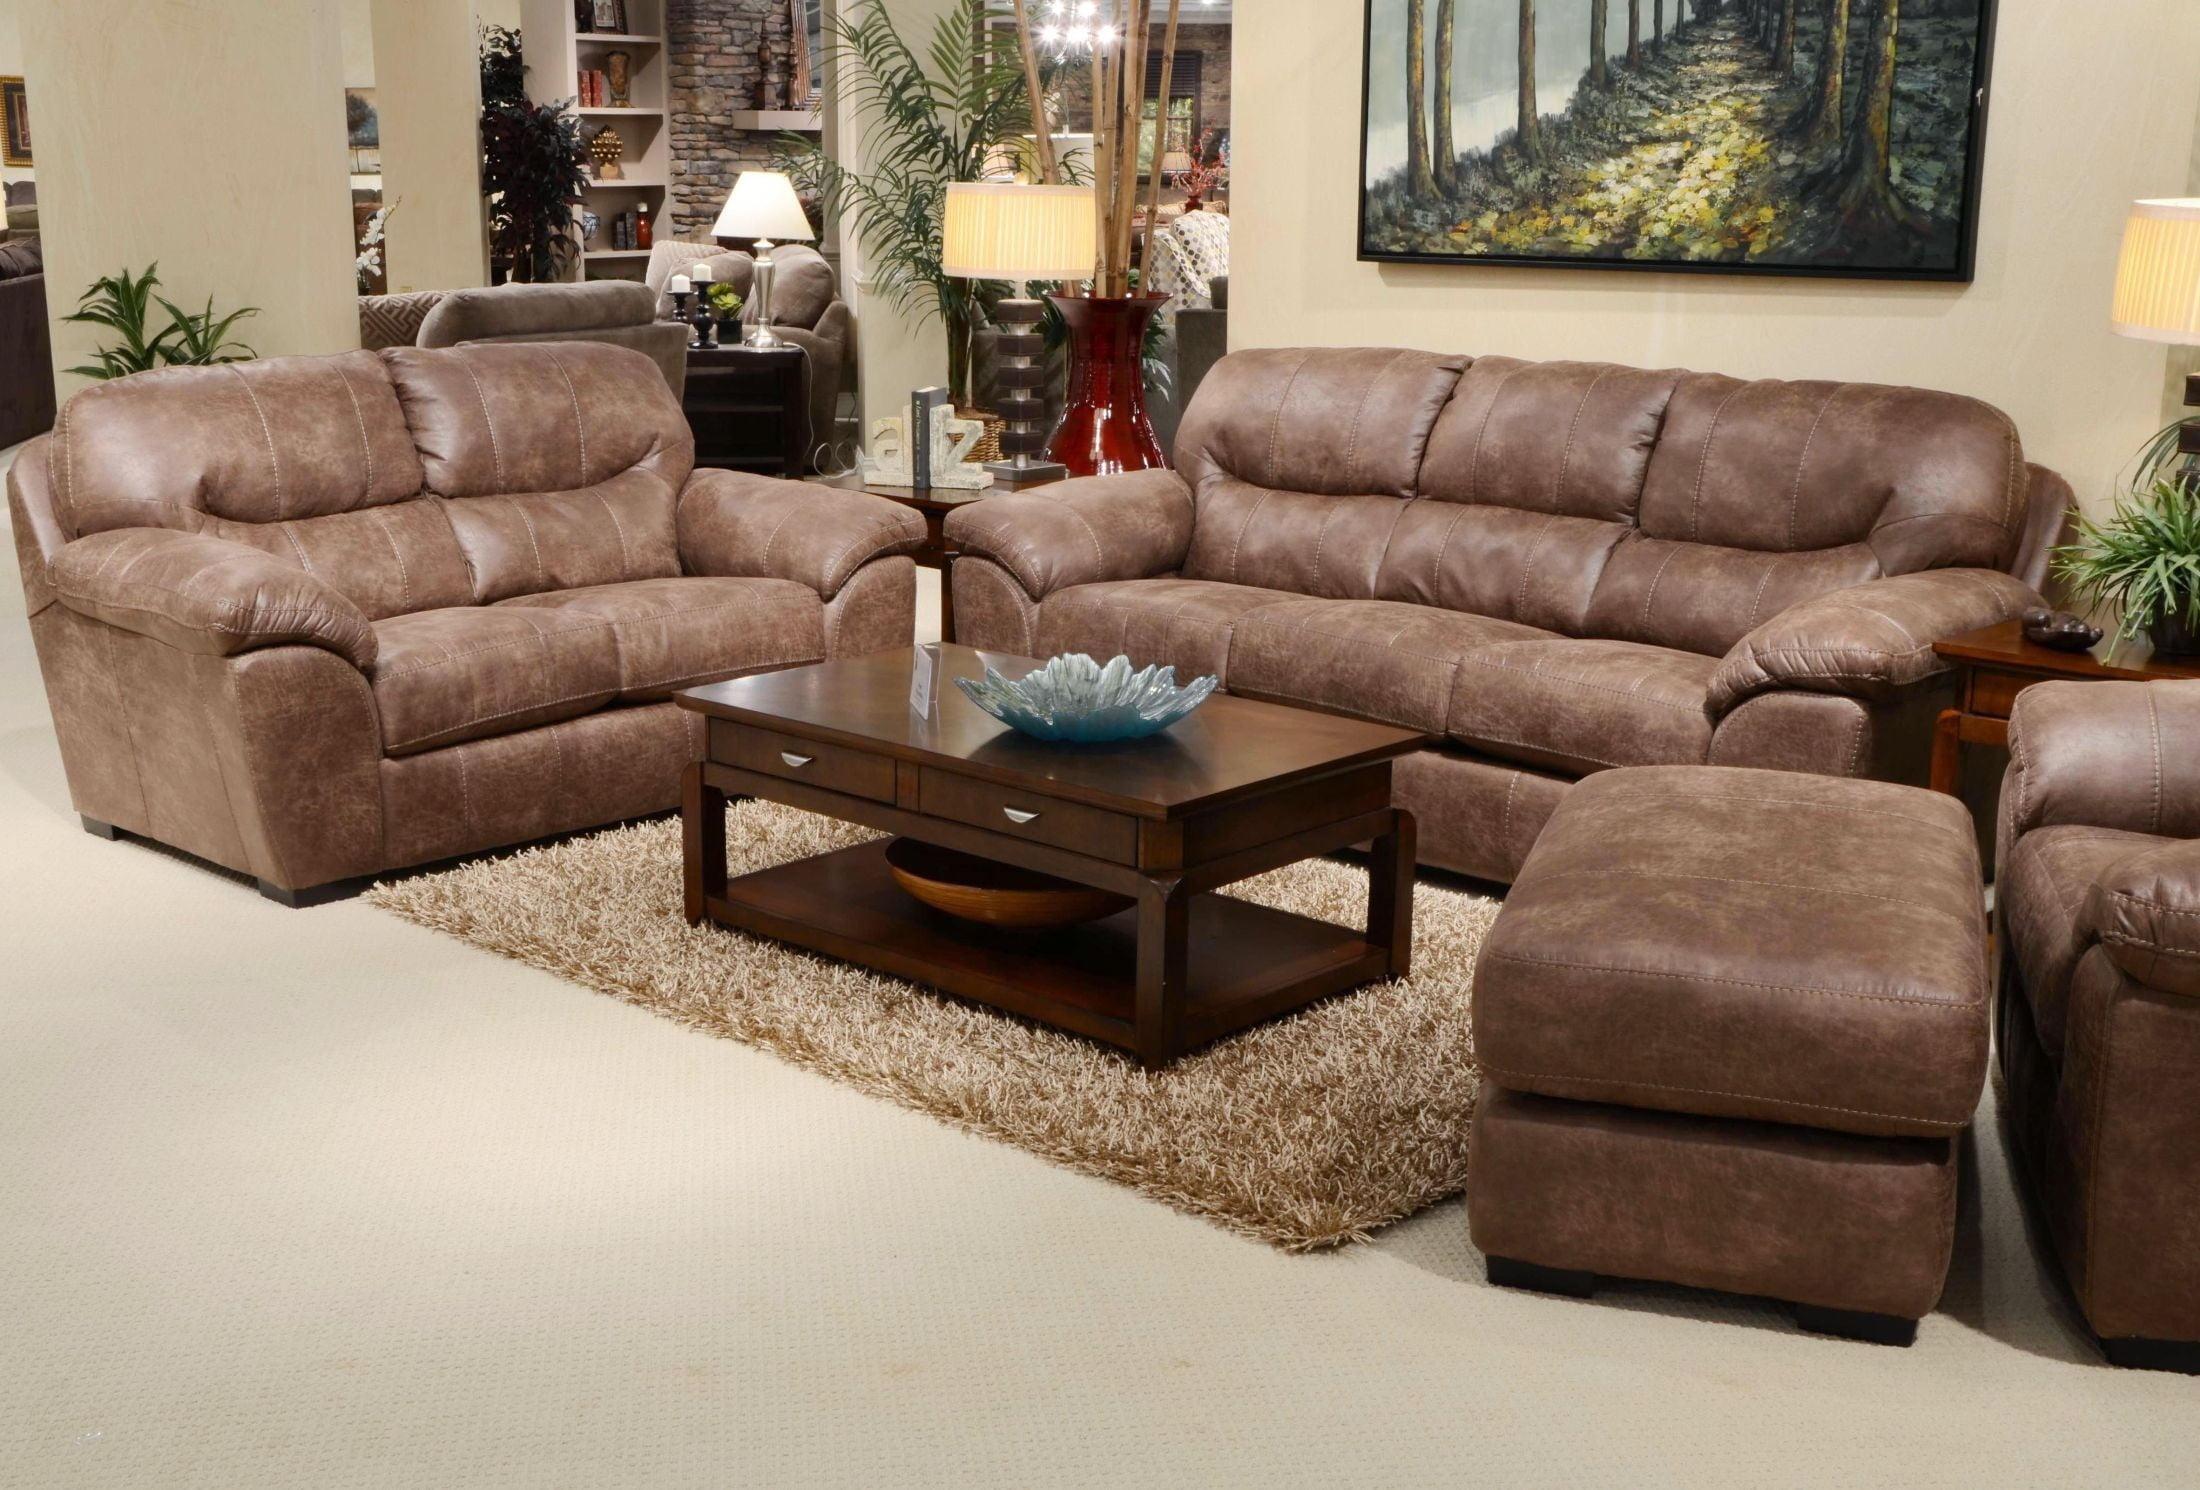 Grant Silt Living Room Set From Jackson